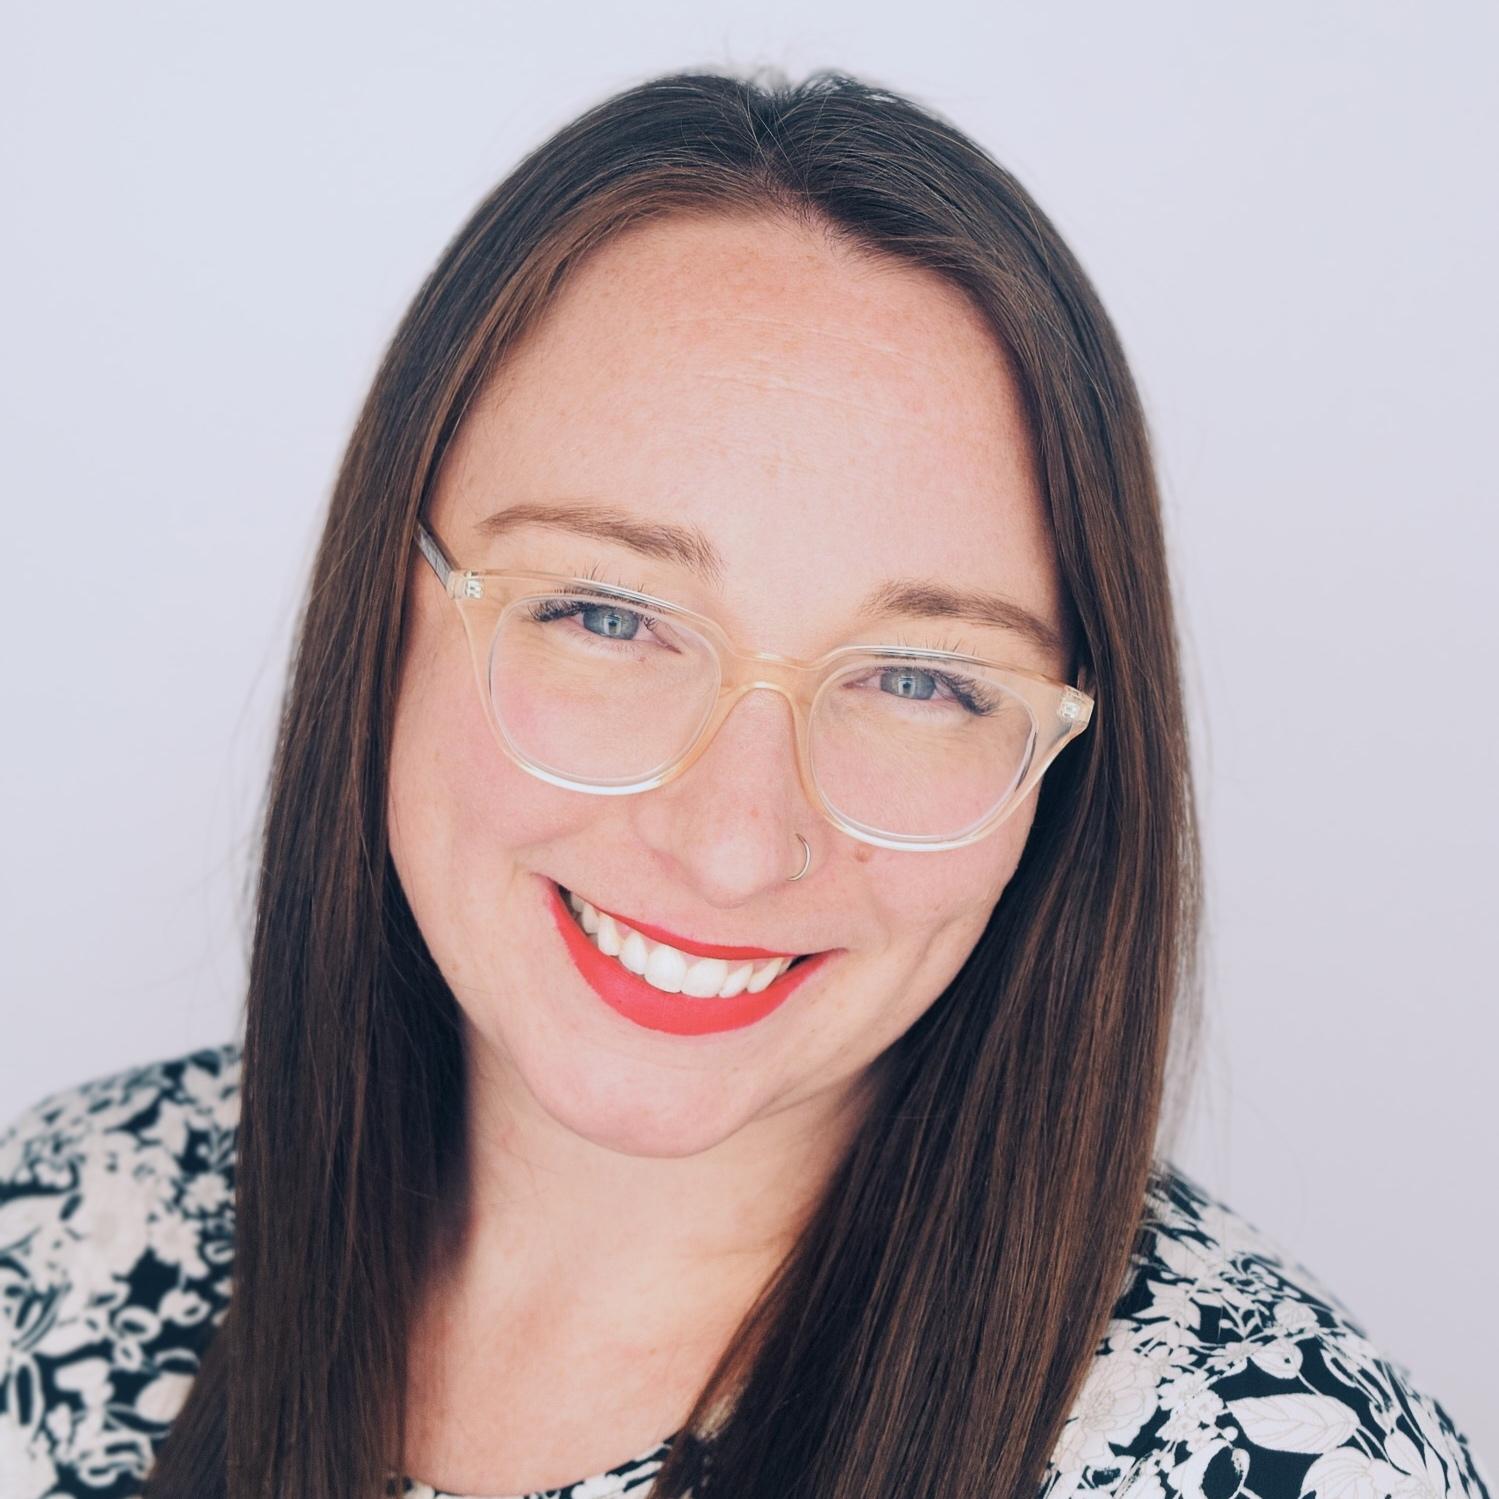 Stefanie Krach   Social Media Brand Manager